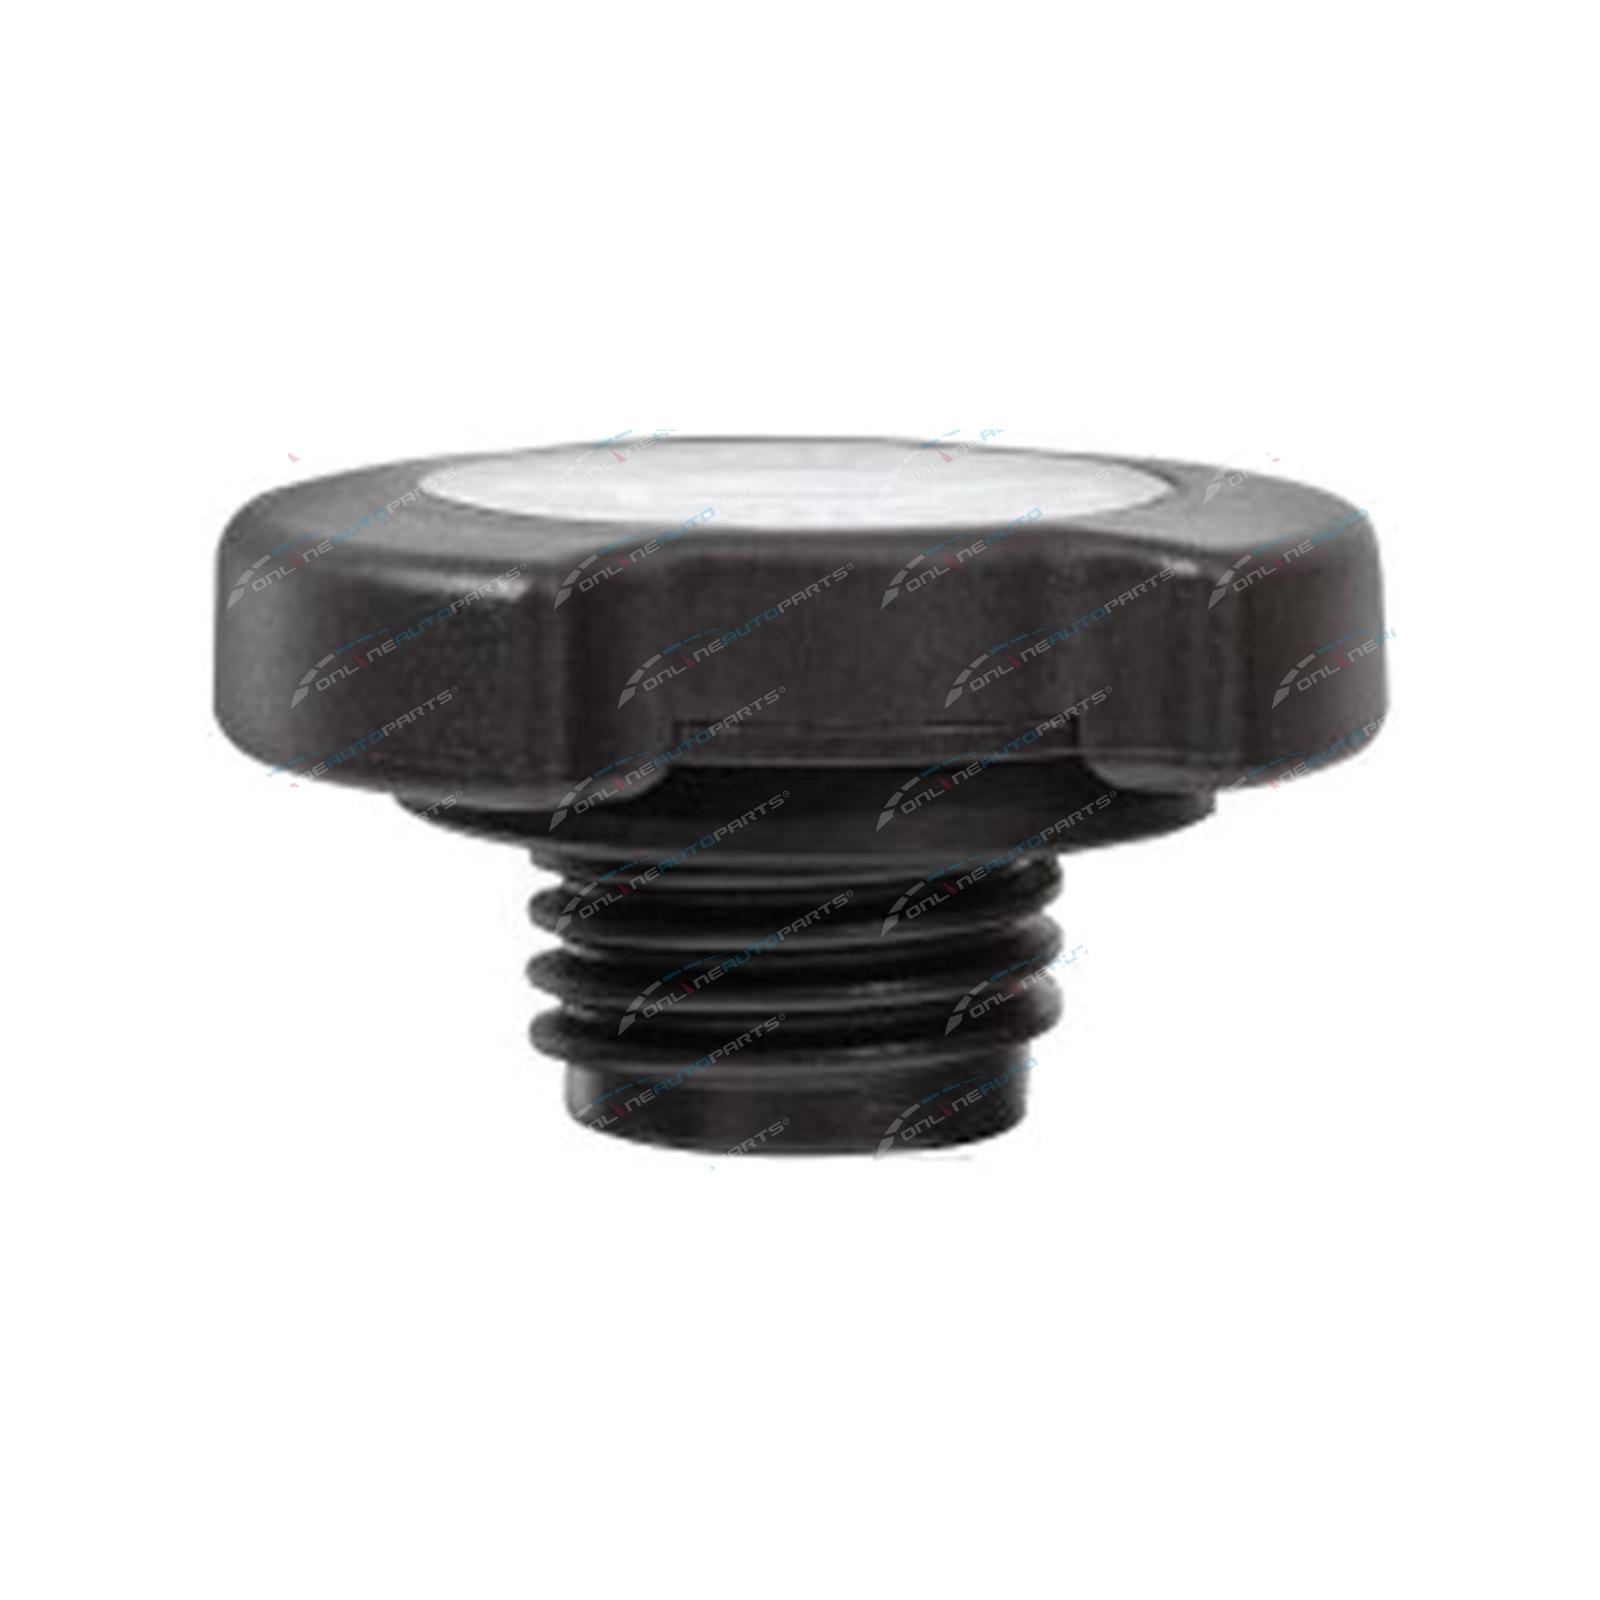 TOC521 - Engine Oil Cap Plastic screw (fine thread) - Tridon